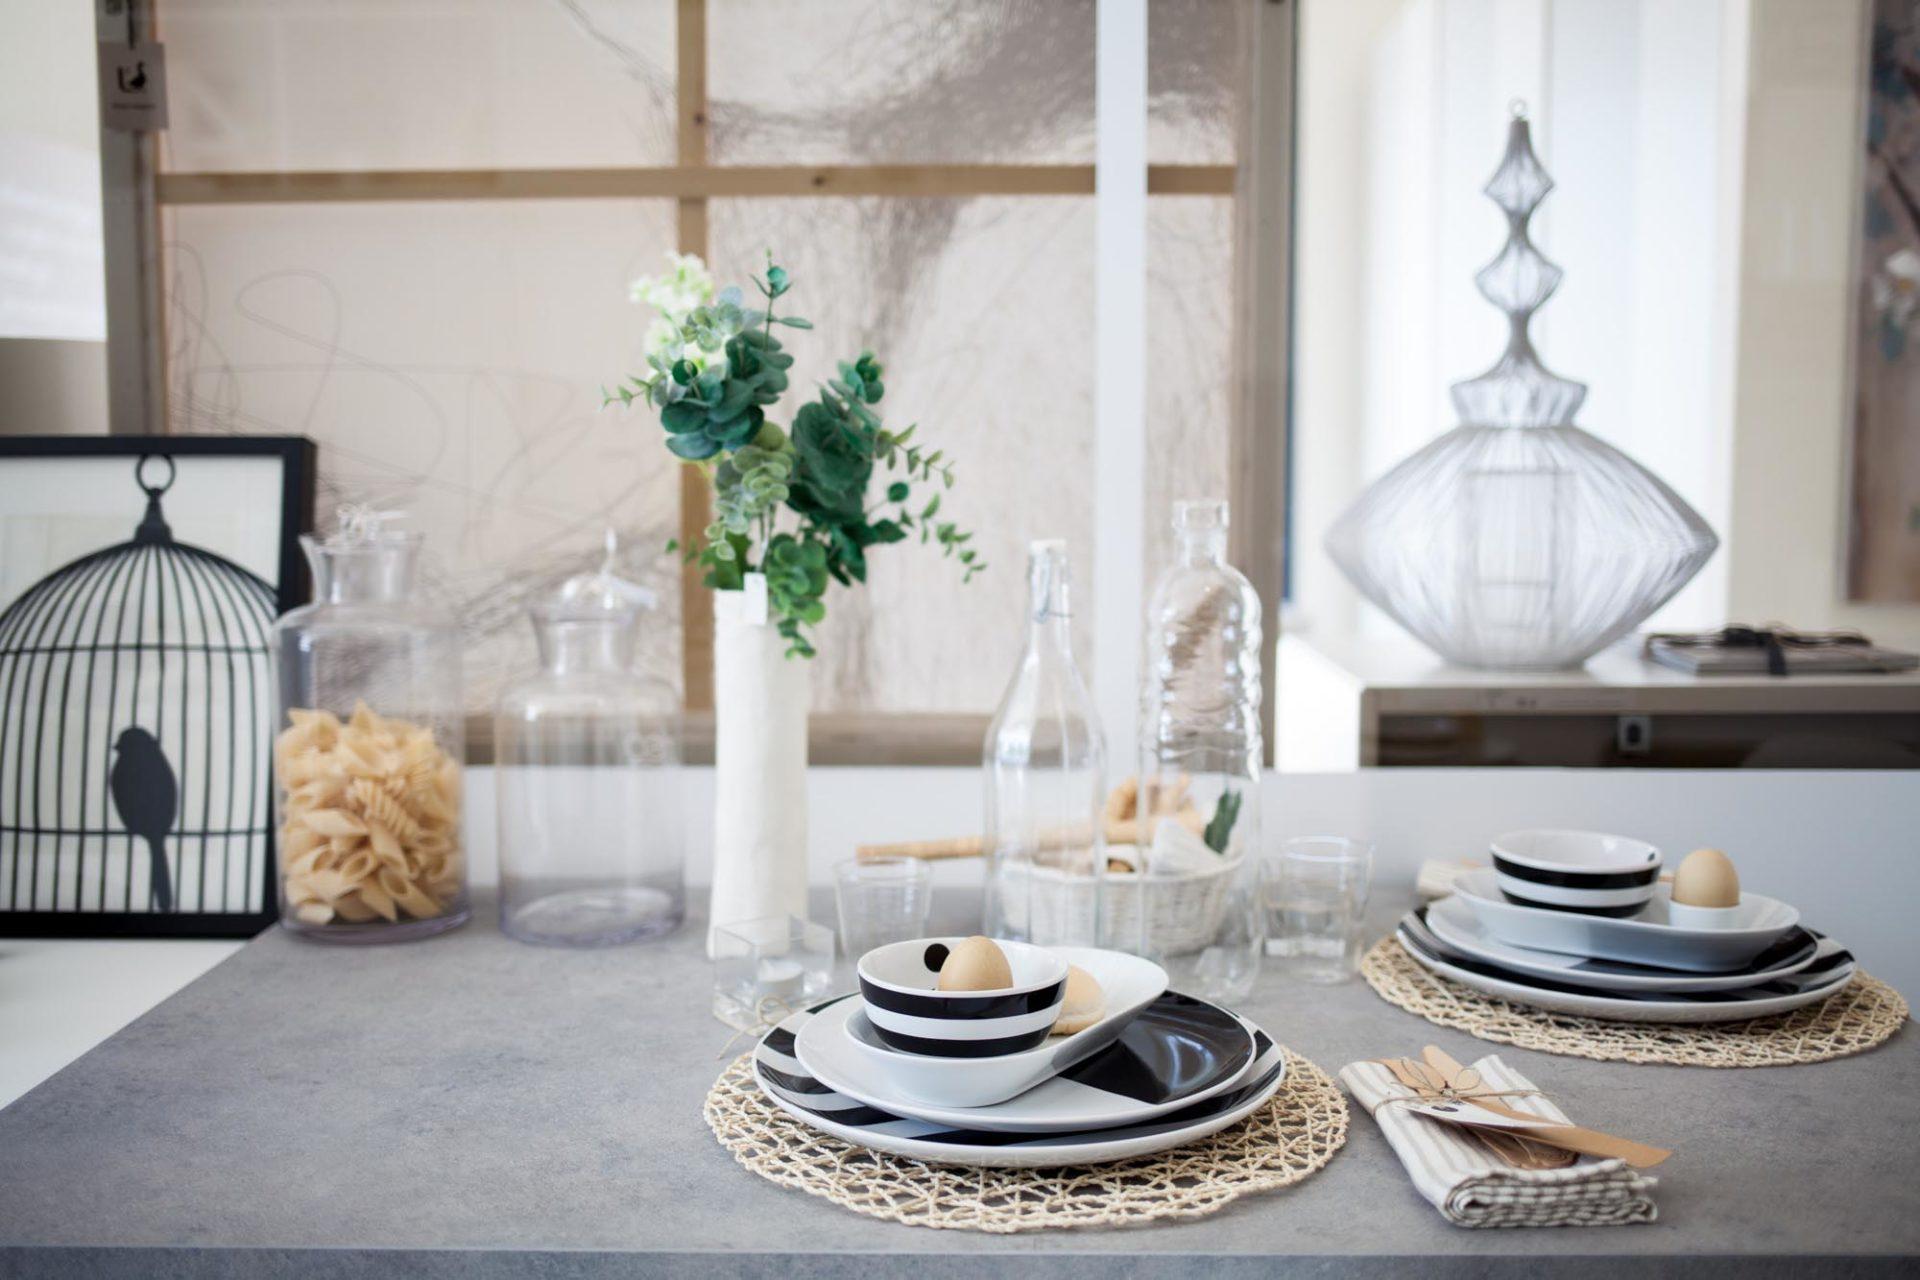 Arredamenti Cucina E Sala Insieme. Perfect Arredamento ...